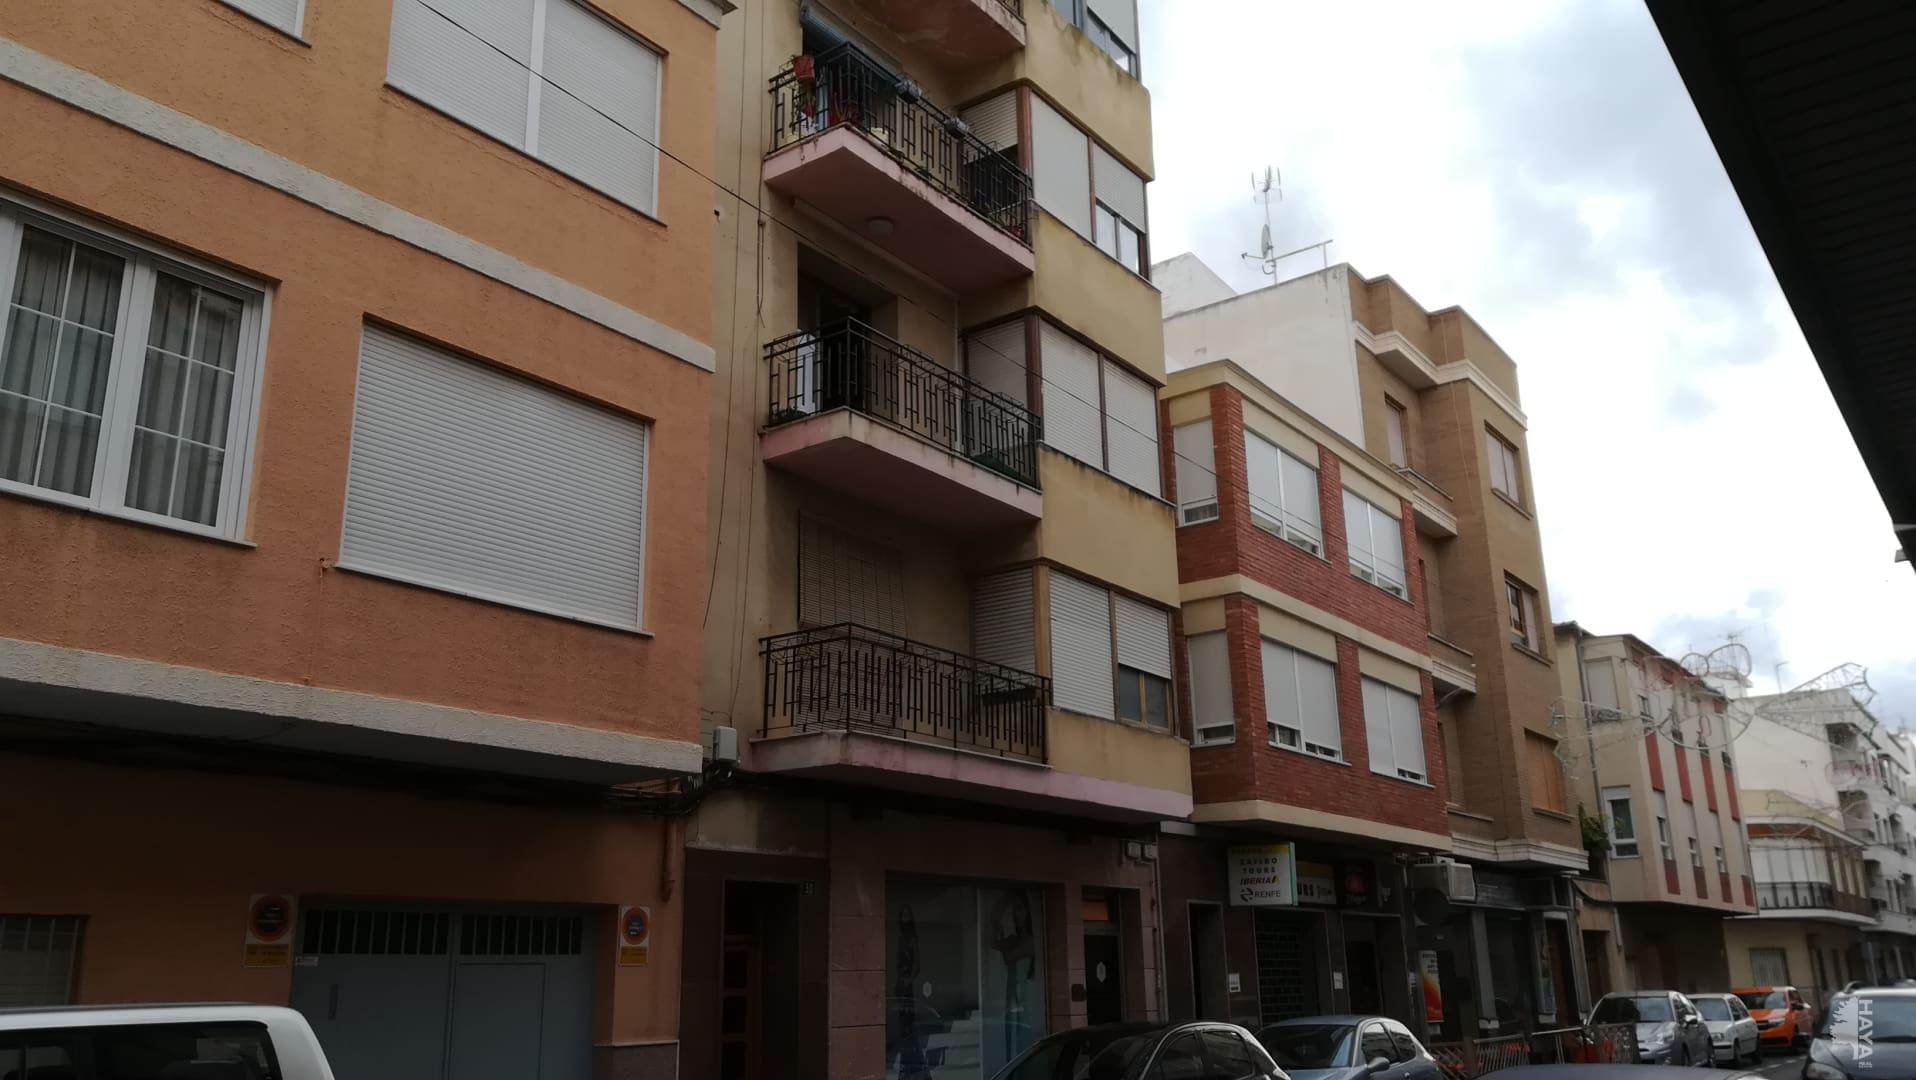 Piso en venta en Novelda, Novelda, Alicante, Calle Maestro Ramis, 37.863 €, 4 habitaciones, 1 baño, 136 m2